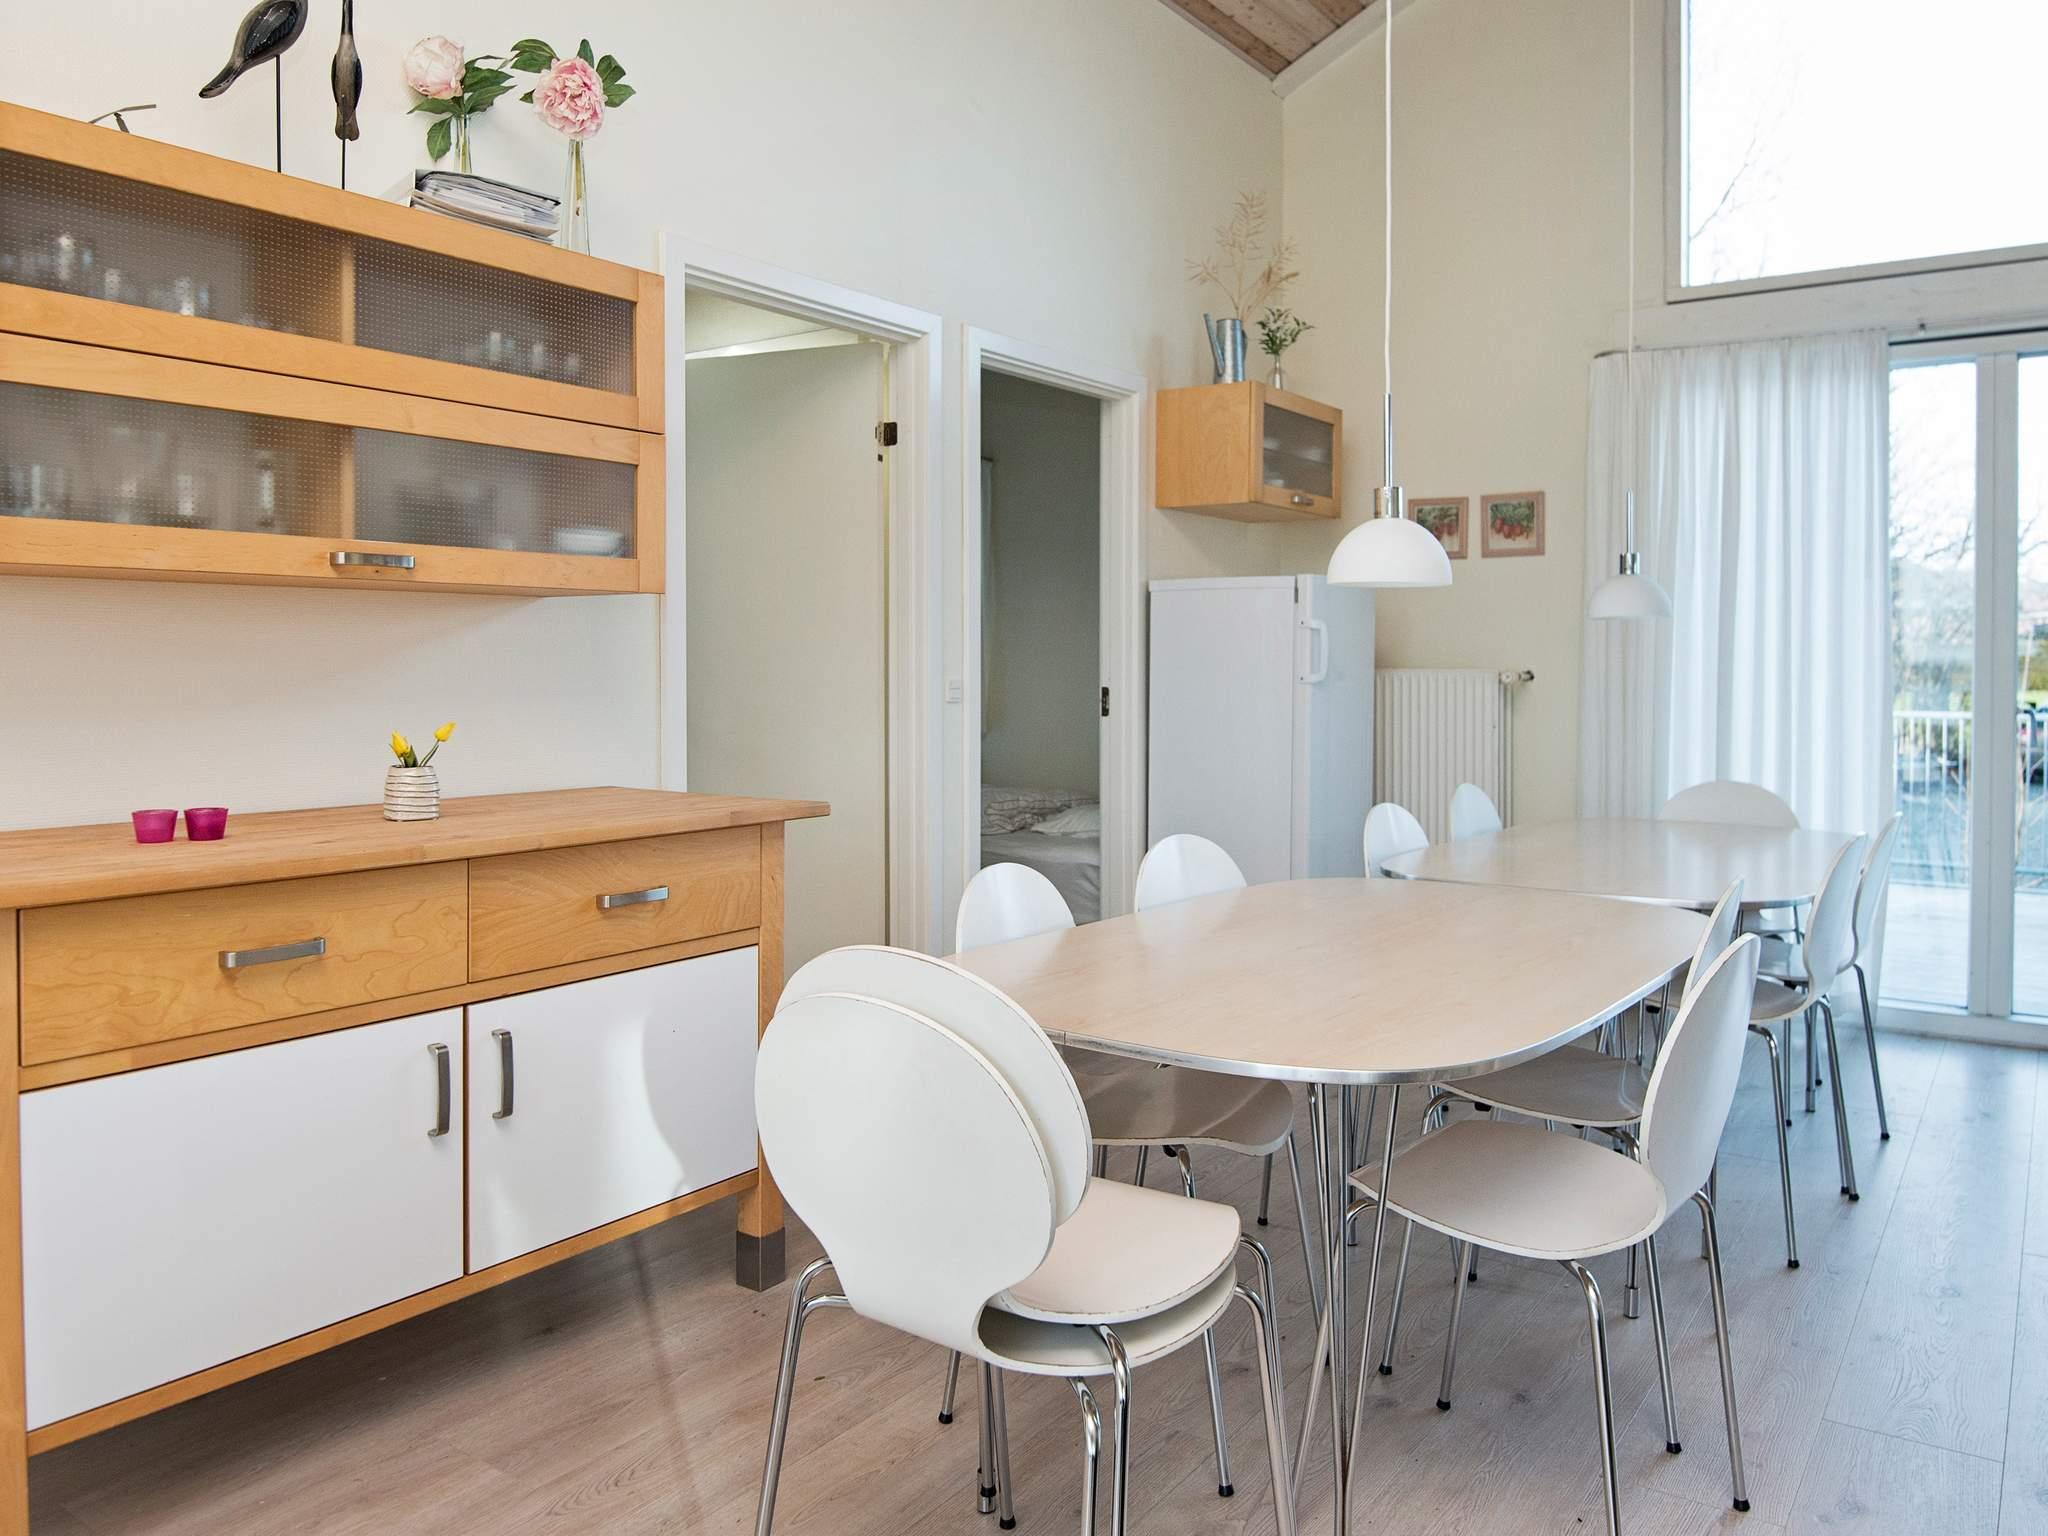 Ferienhaus Årøsund (83075), Årøsund, , Südostjütland, Dänemark, Bild 7